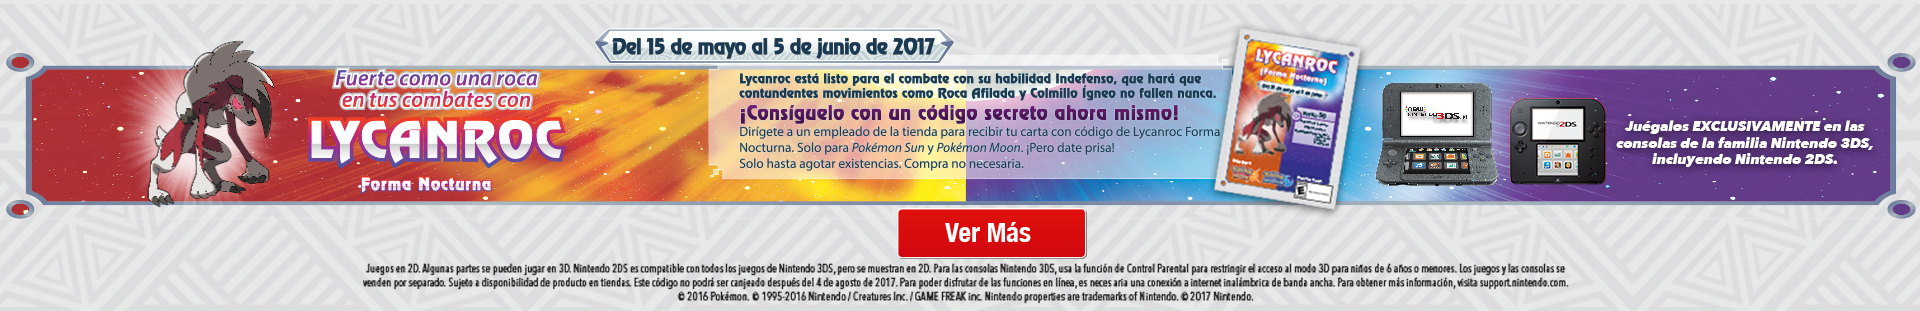 Pokemon Lycahnor